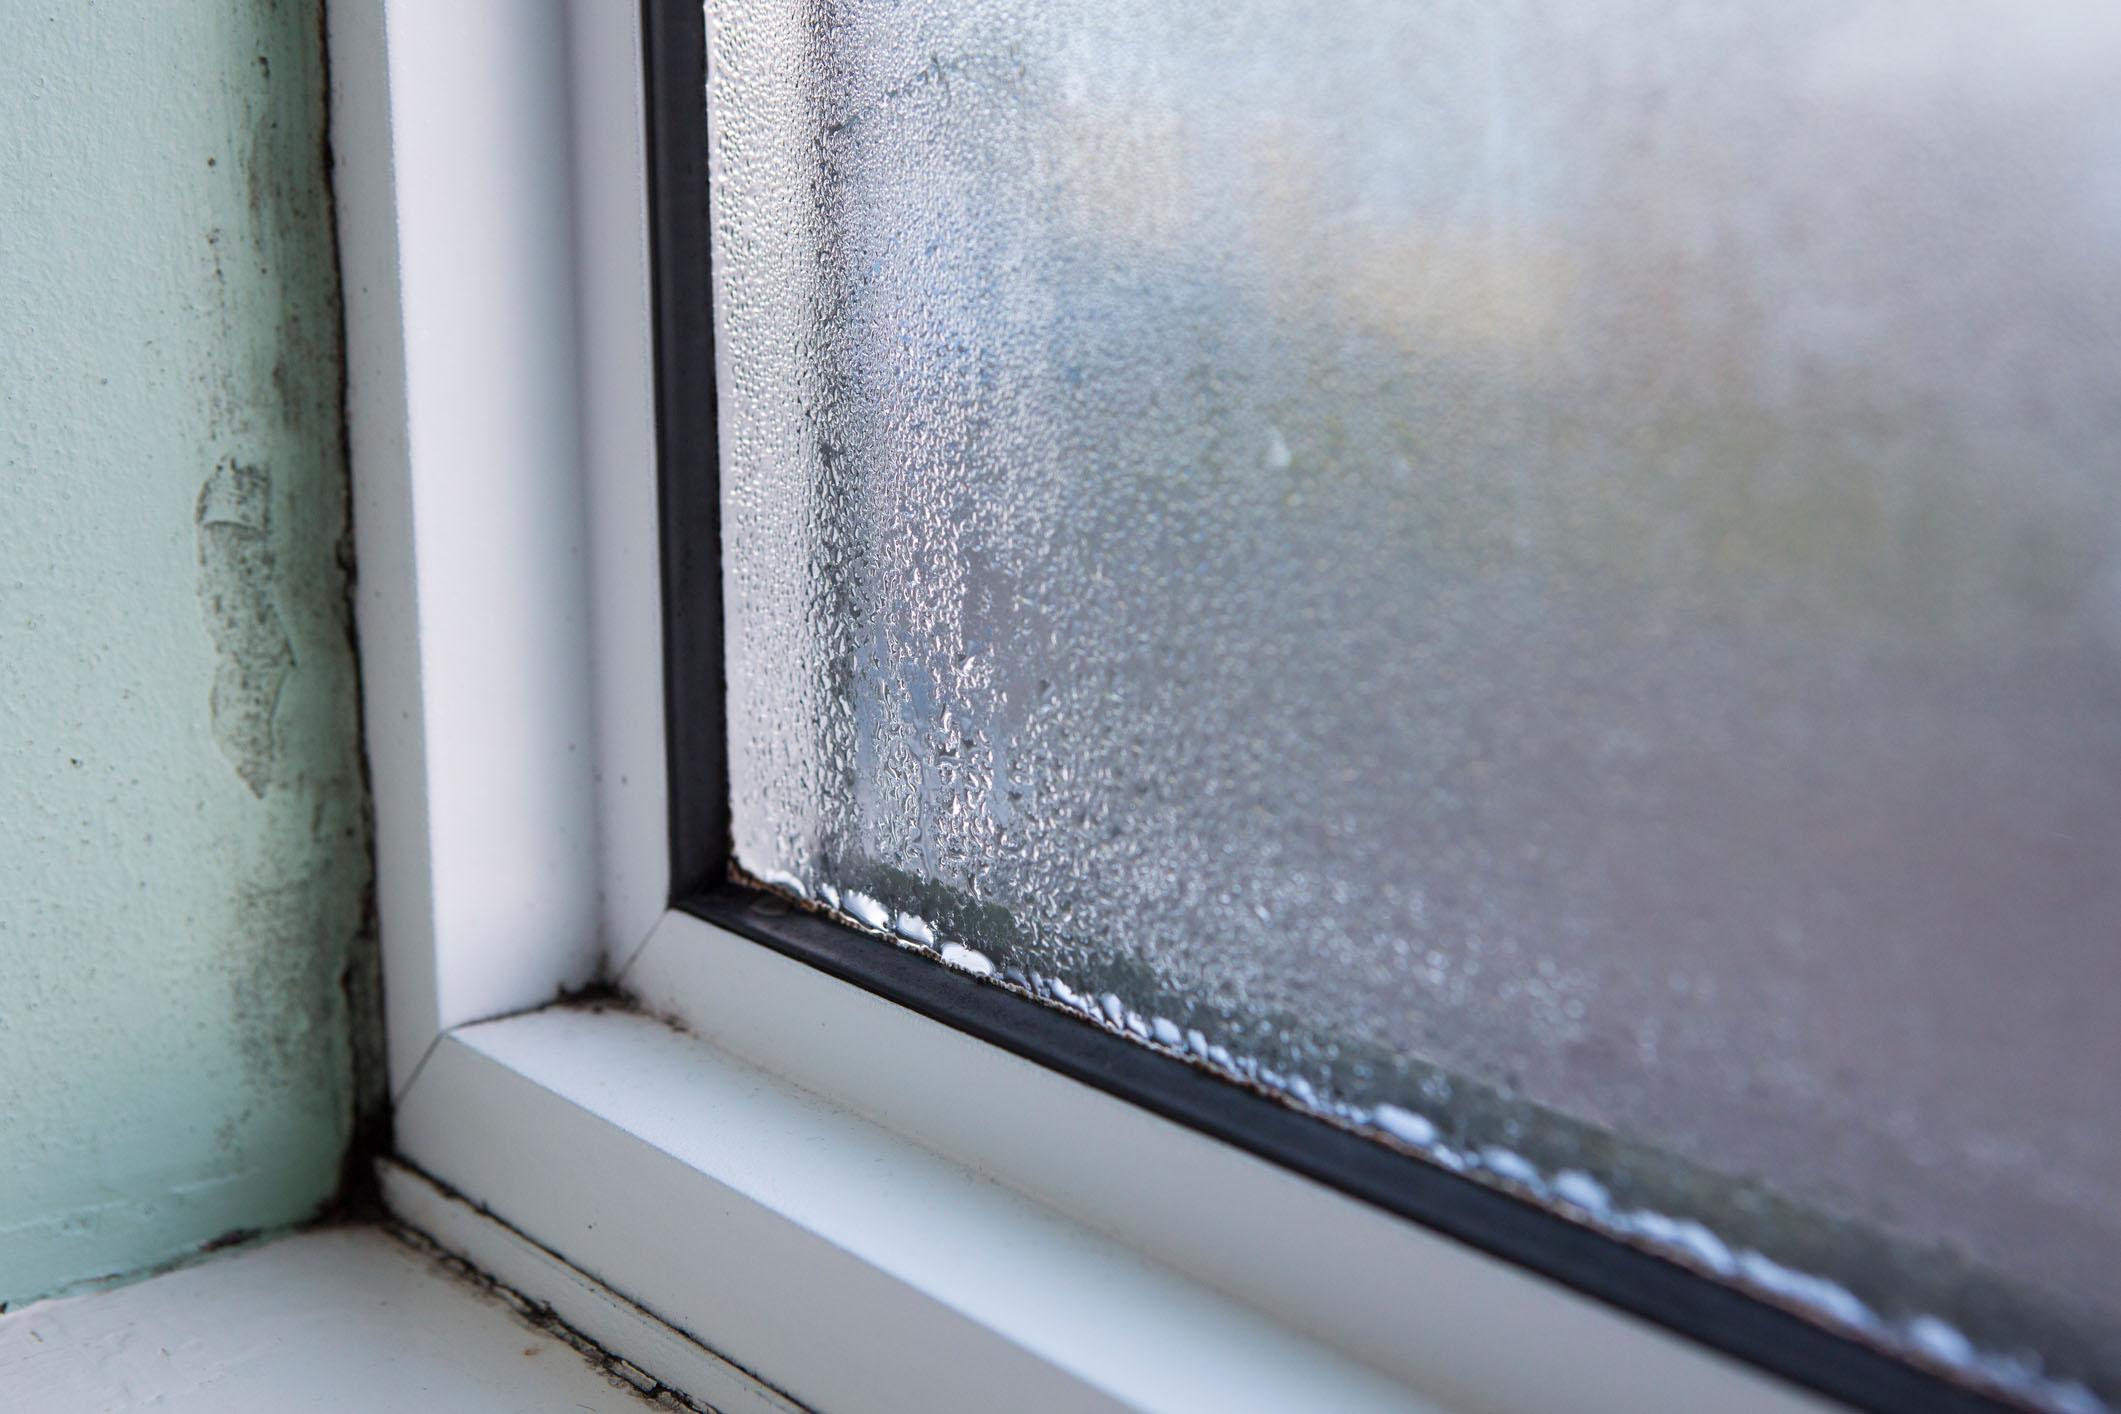 Почему в пластиковых окнах между стеклами потеют. почему потеют пластиковые окна между стеклами: что делать для устранения конденсата